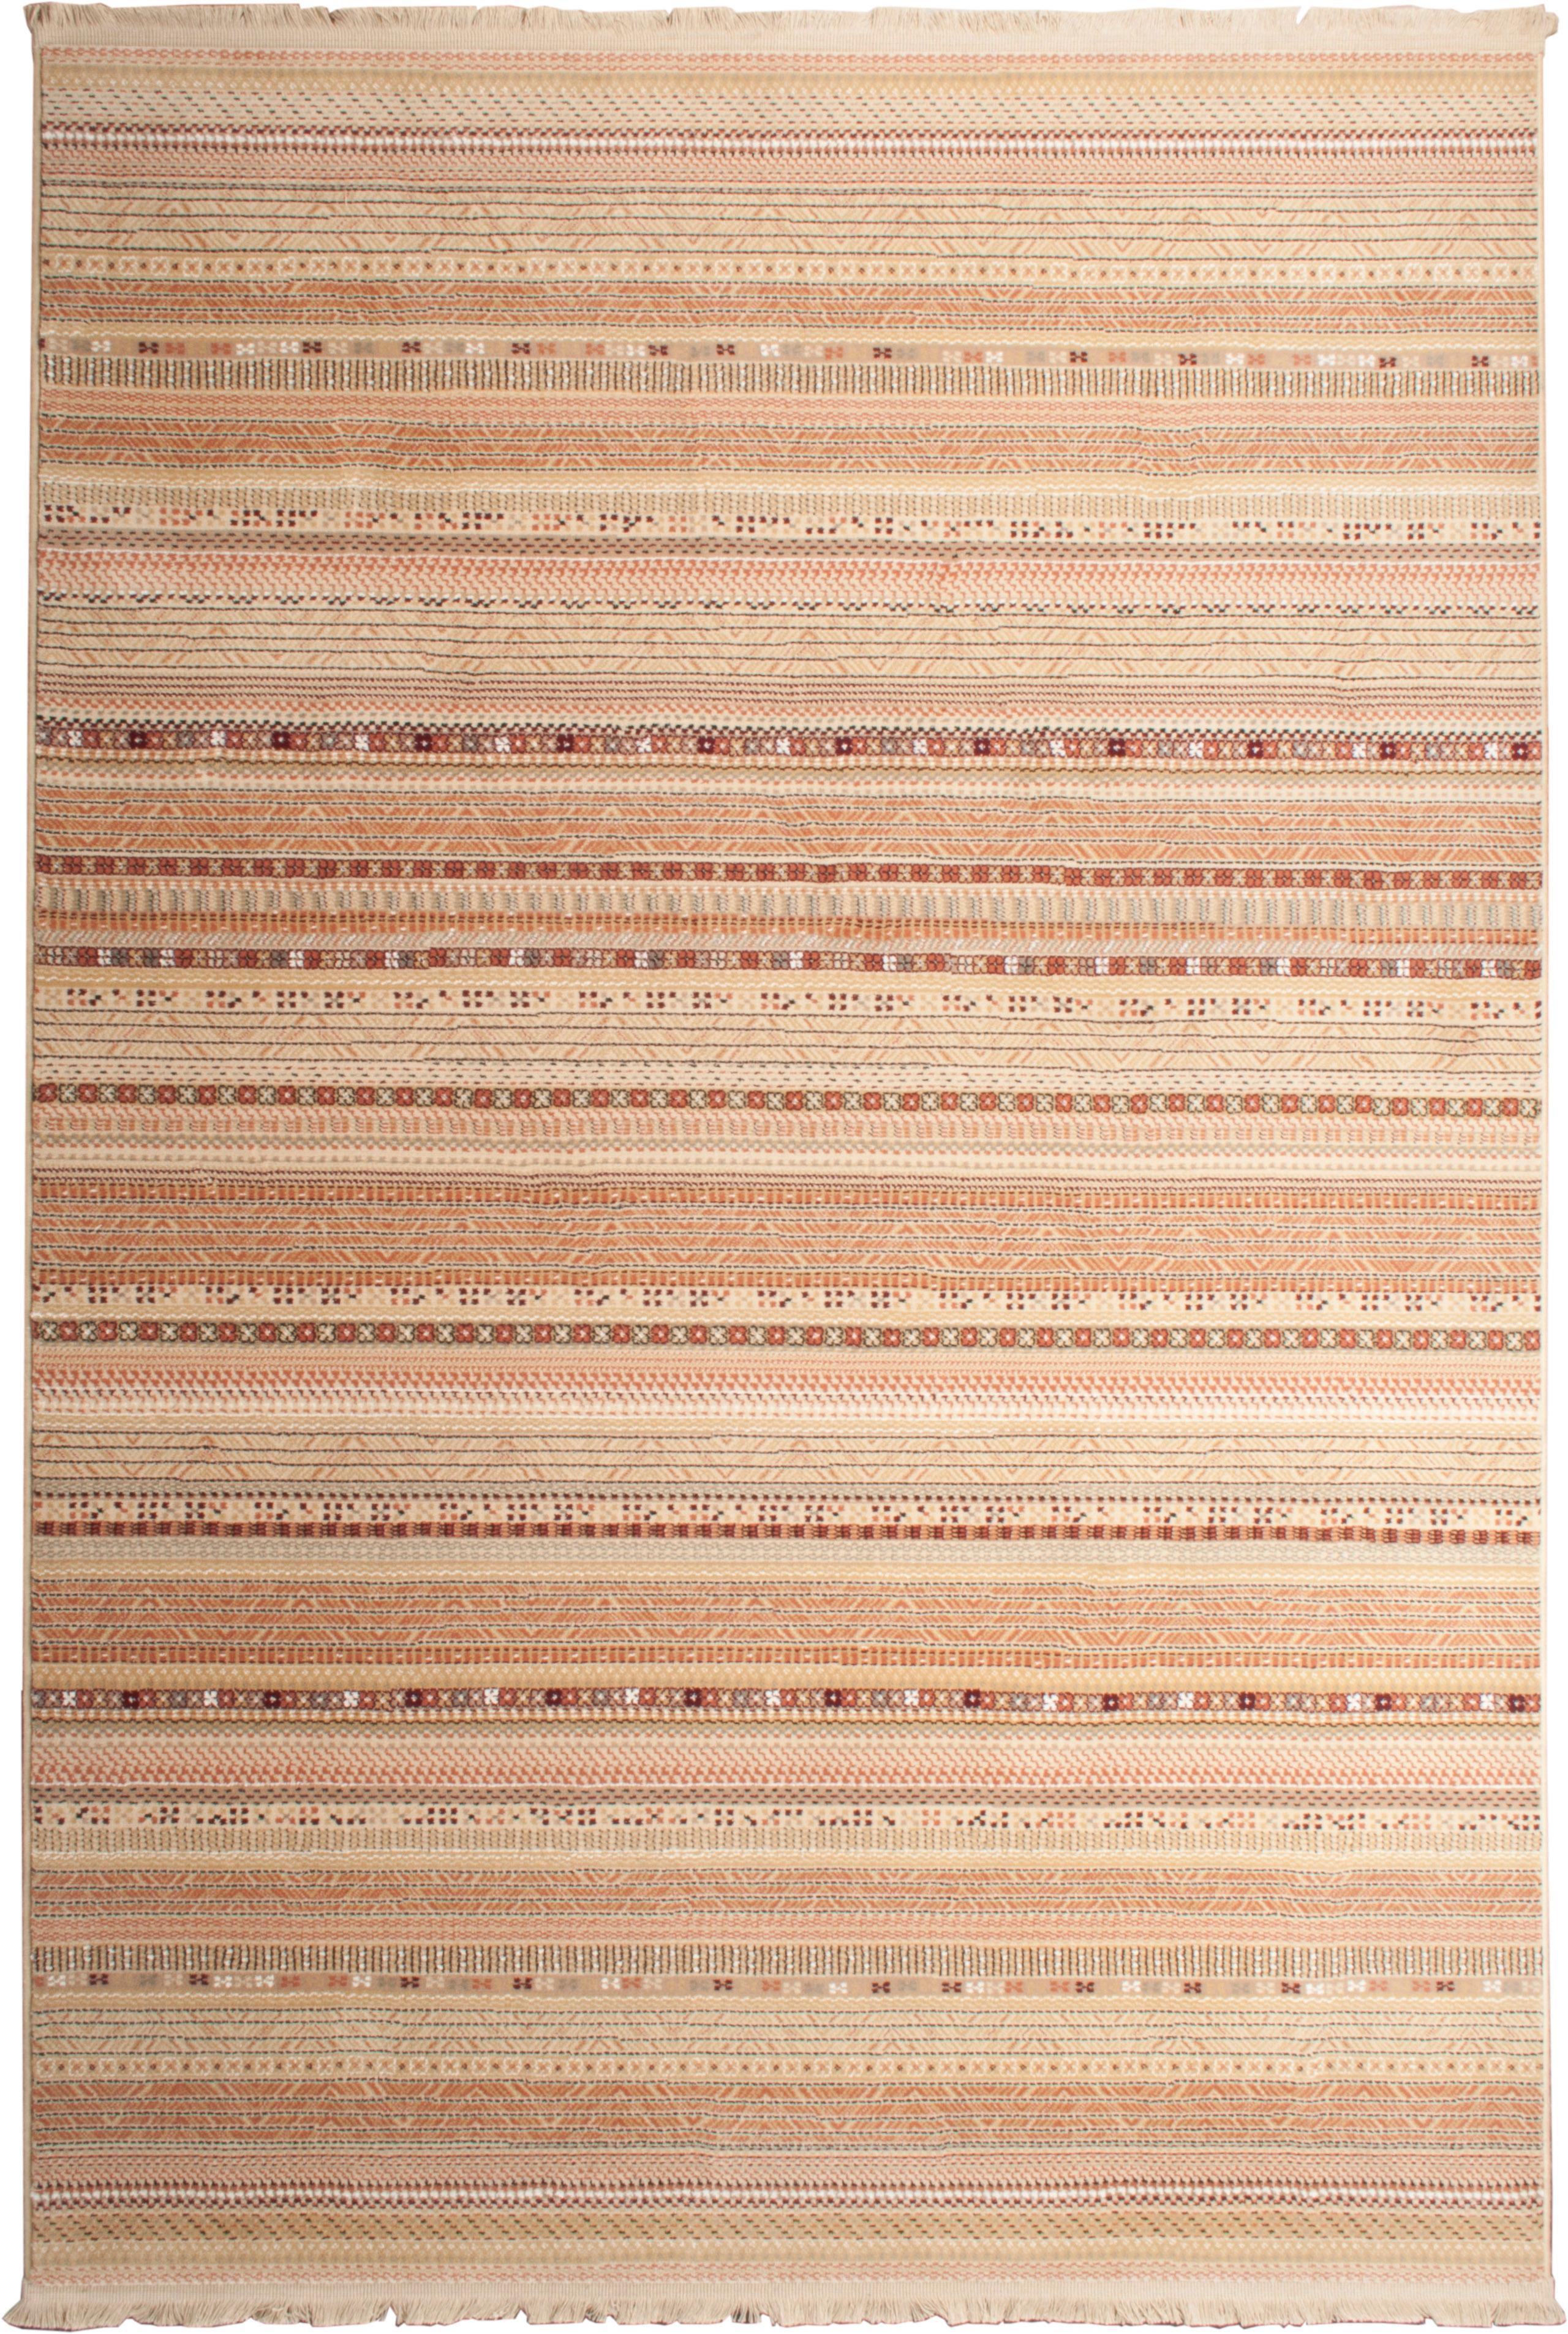 Teppich Nepal mit bunten Details und Fransen, Flor: 90% Polypropylen, 10% Vis, Beige, Mehrfarbig, B 160 x L 235 cm (Grösse M)